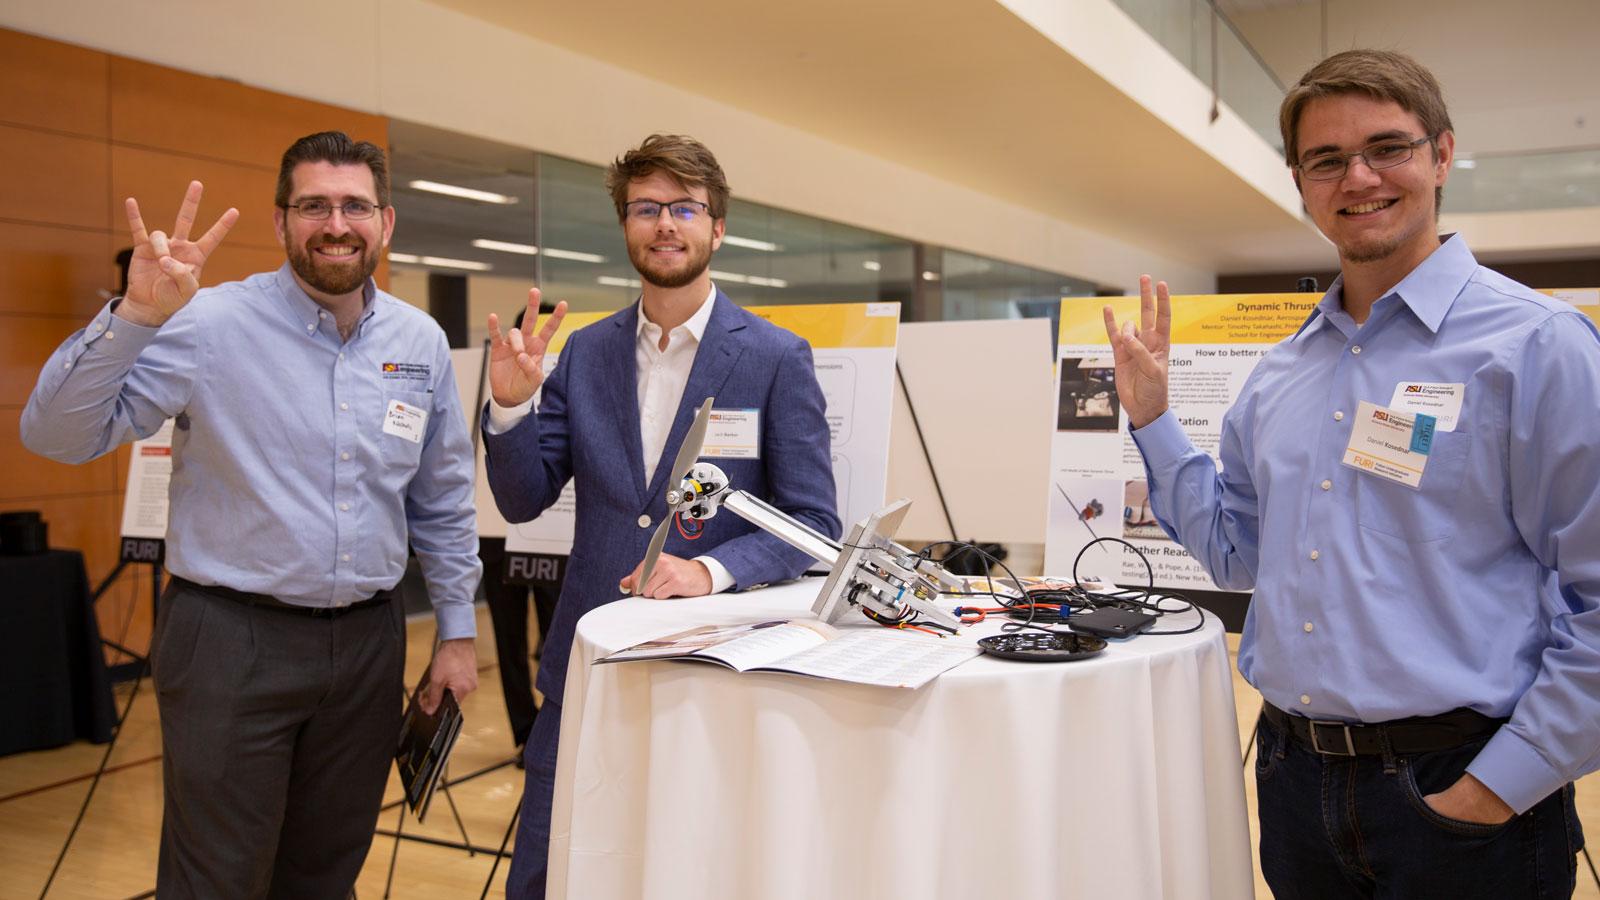 Daniel Kosednar presenting his Spring 2019 FURI